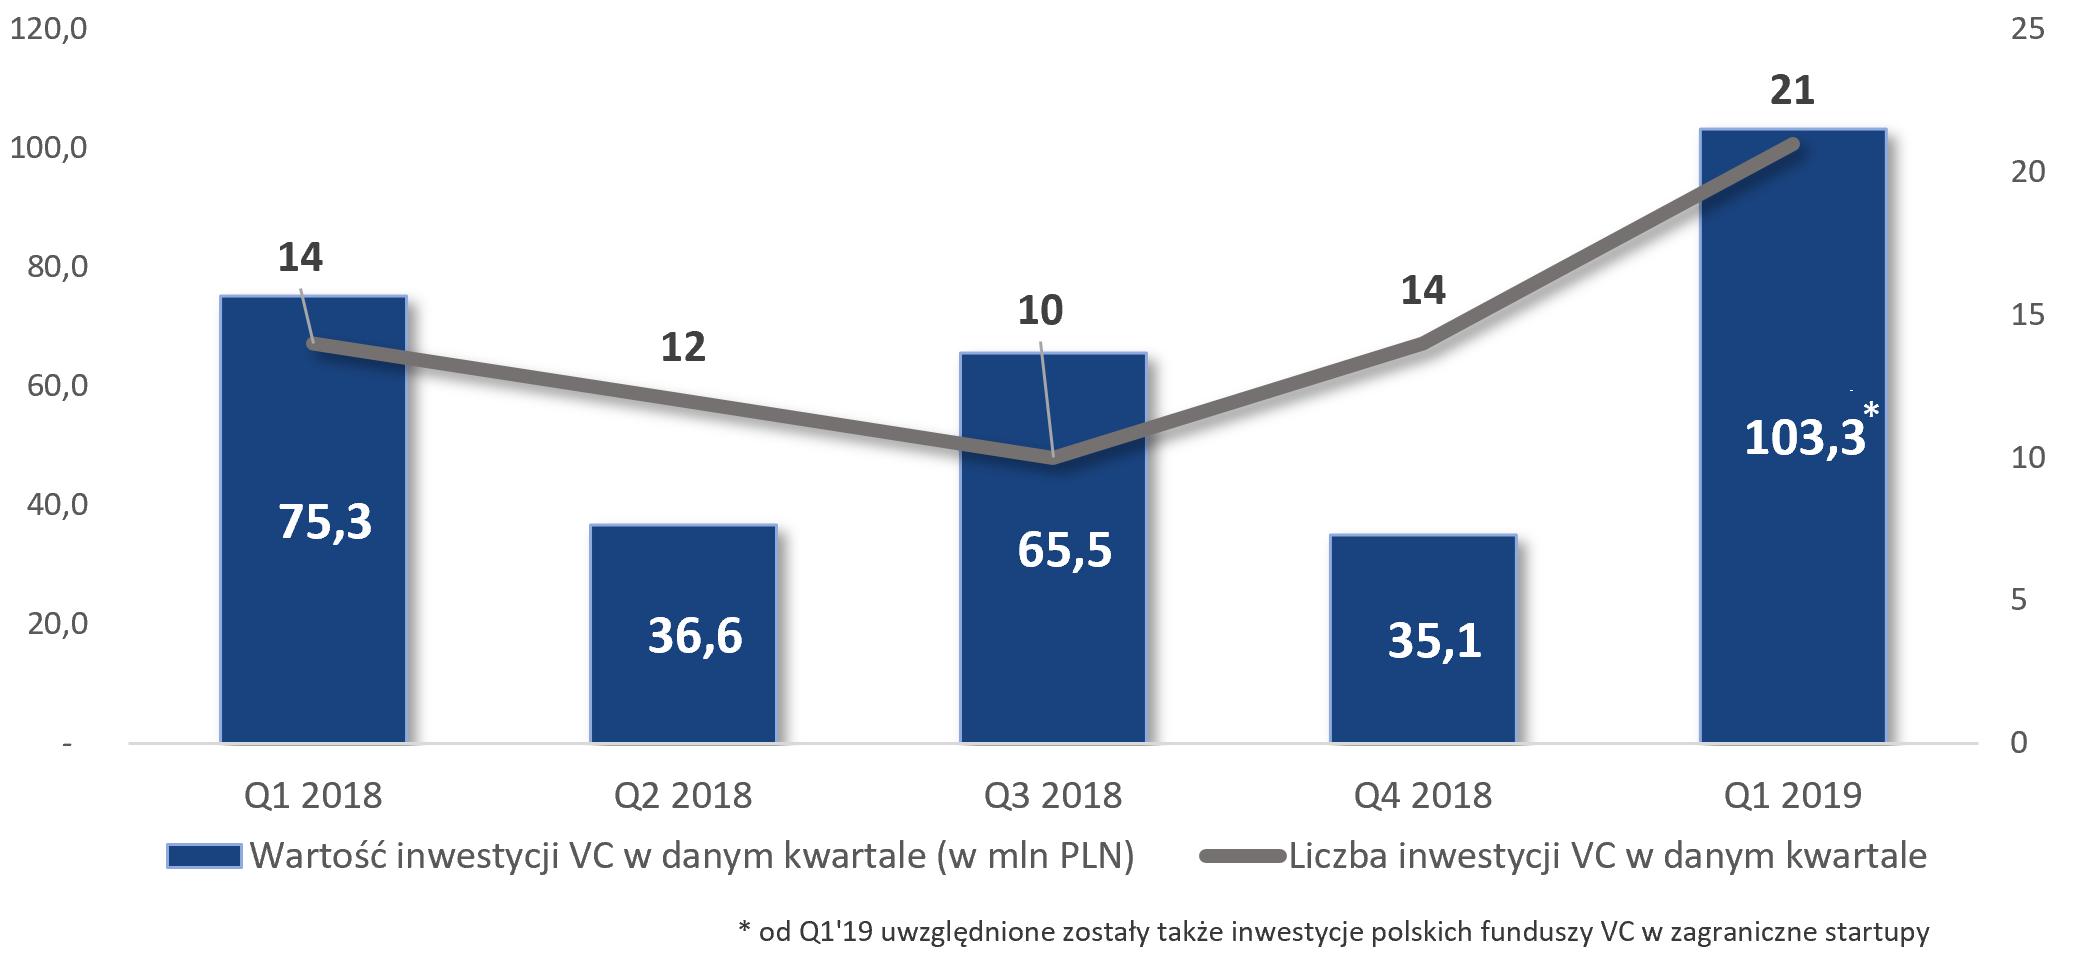 wartośc inwestycji VC